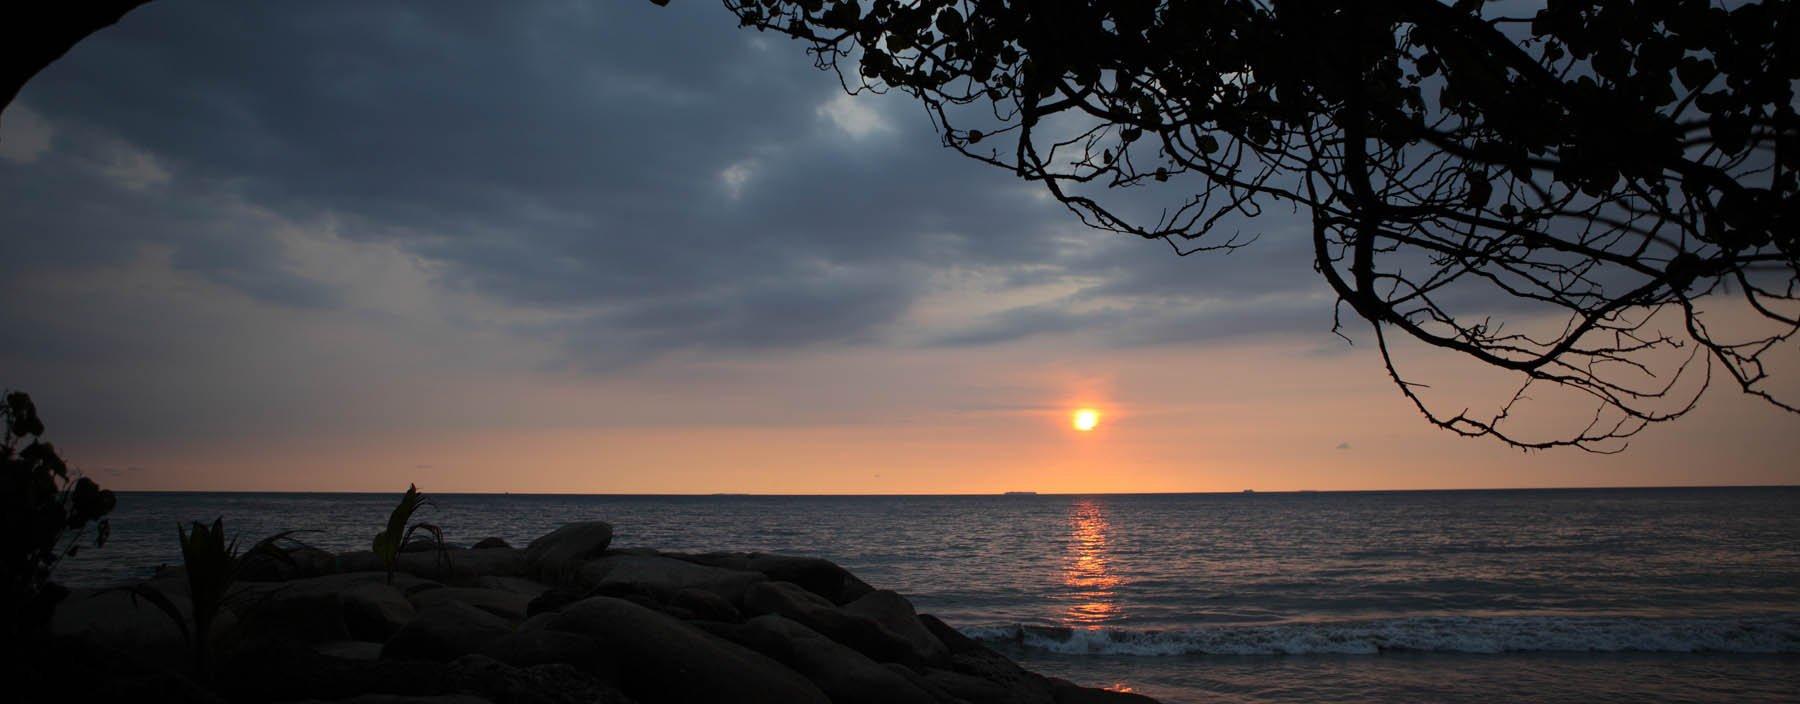 id, sumatra, padang, zee en zonsondergang.jpg